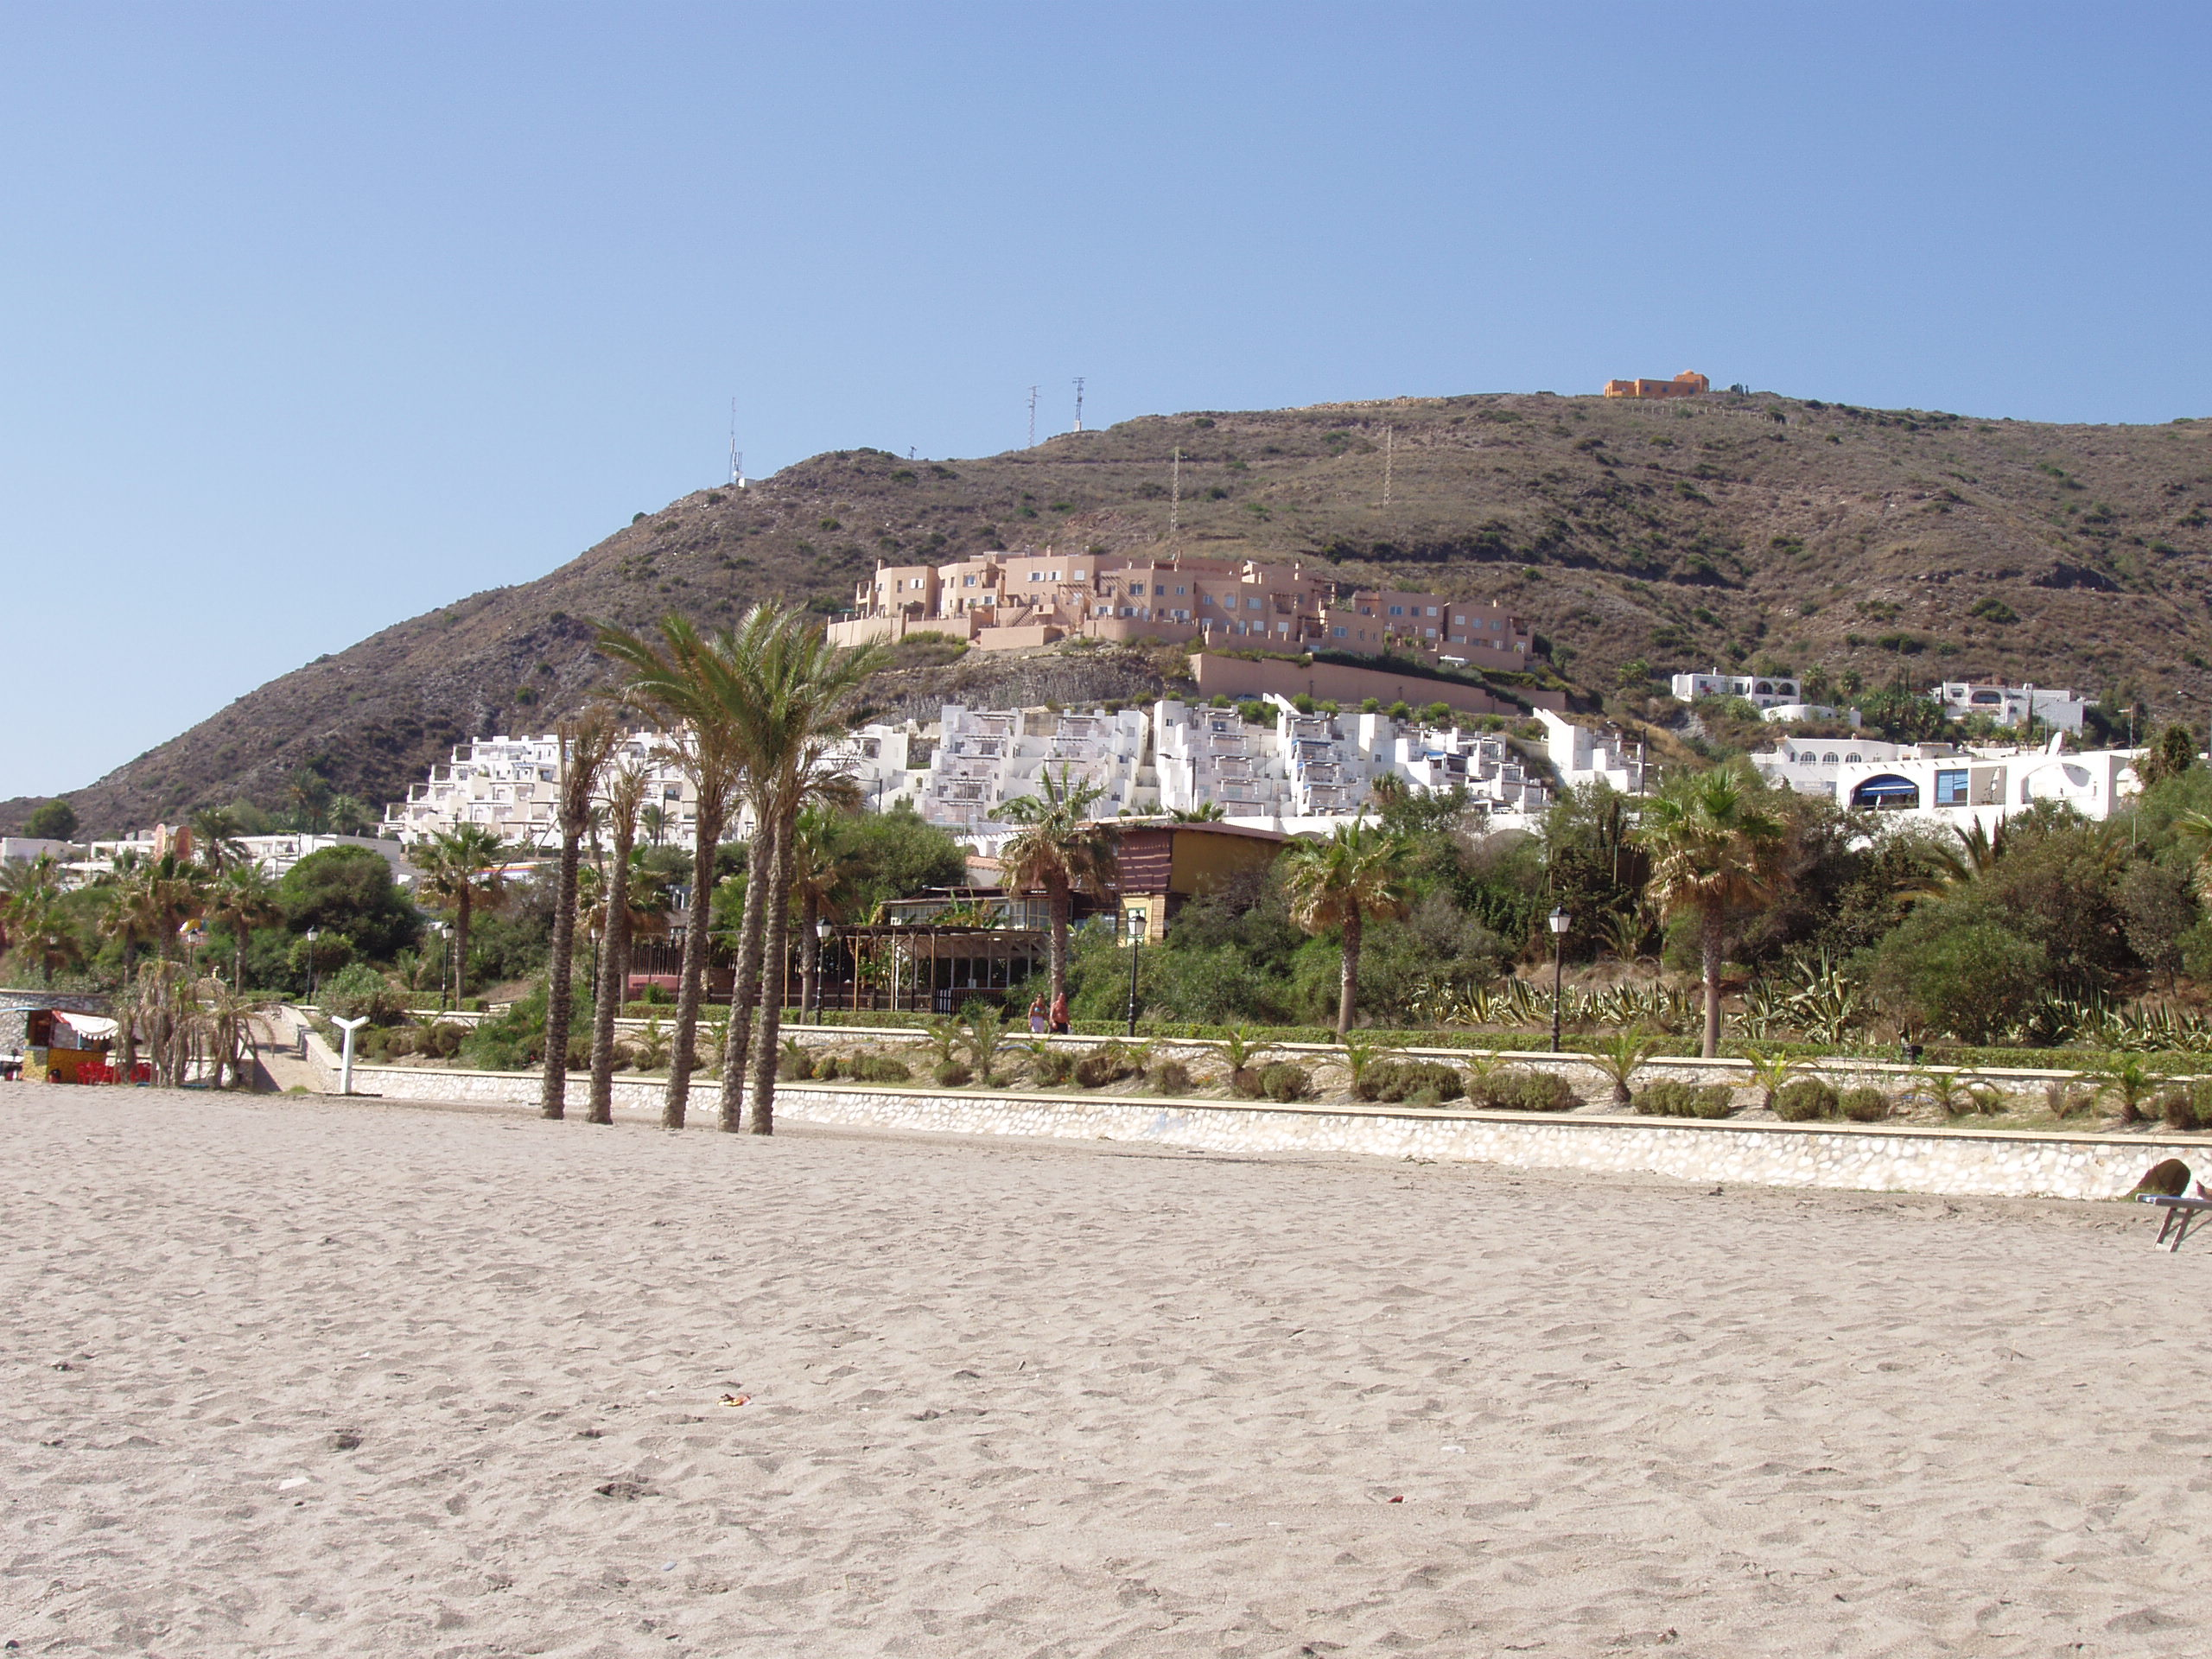 Ferienwohnung 3 Schlafzimmer Wohnung zu vermieten in Mojcar, Spanien (2388895), Mojacar, Costa de Almeria, Andalusien, Spanien, Bild 30